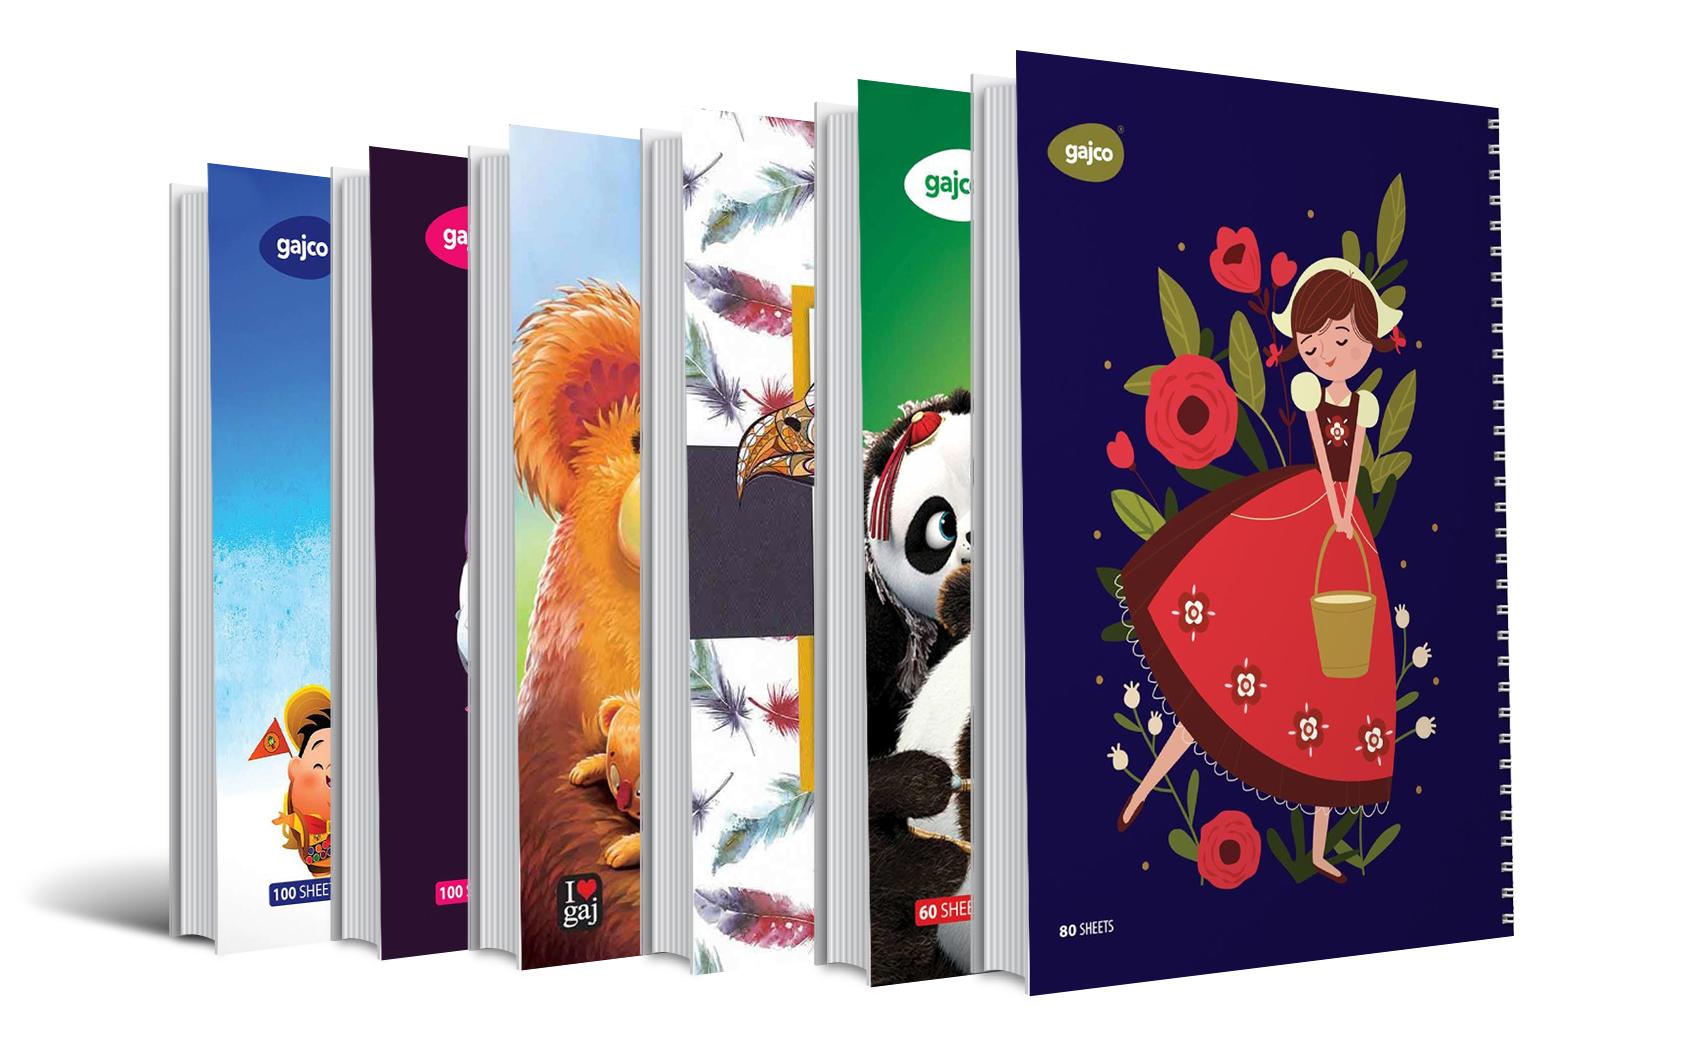 دفترهای شکلاتی و خوش بو گاجکو